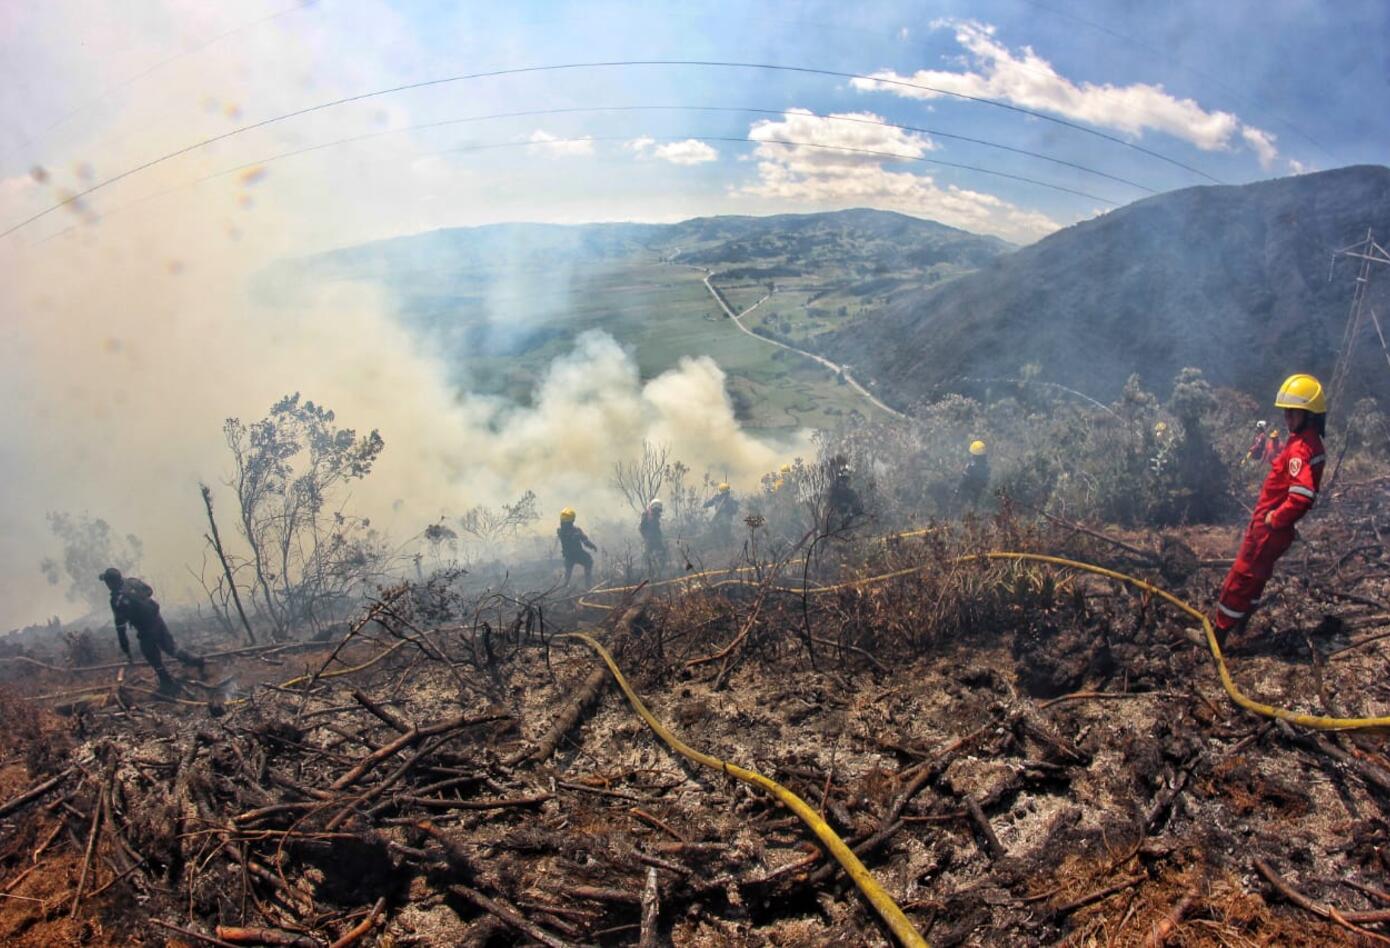 Incendio forestal que se registró en zona rural de Cómbita (Boyacá) consumió 18 hectáreas de vegetación nativa.